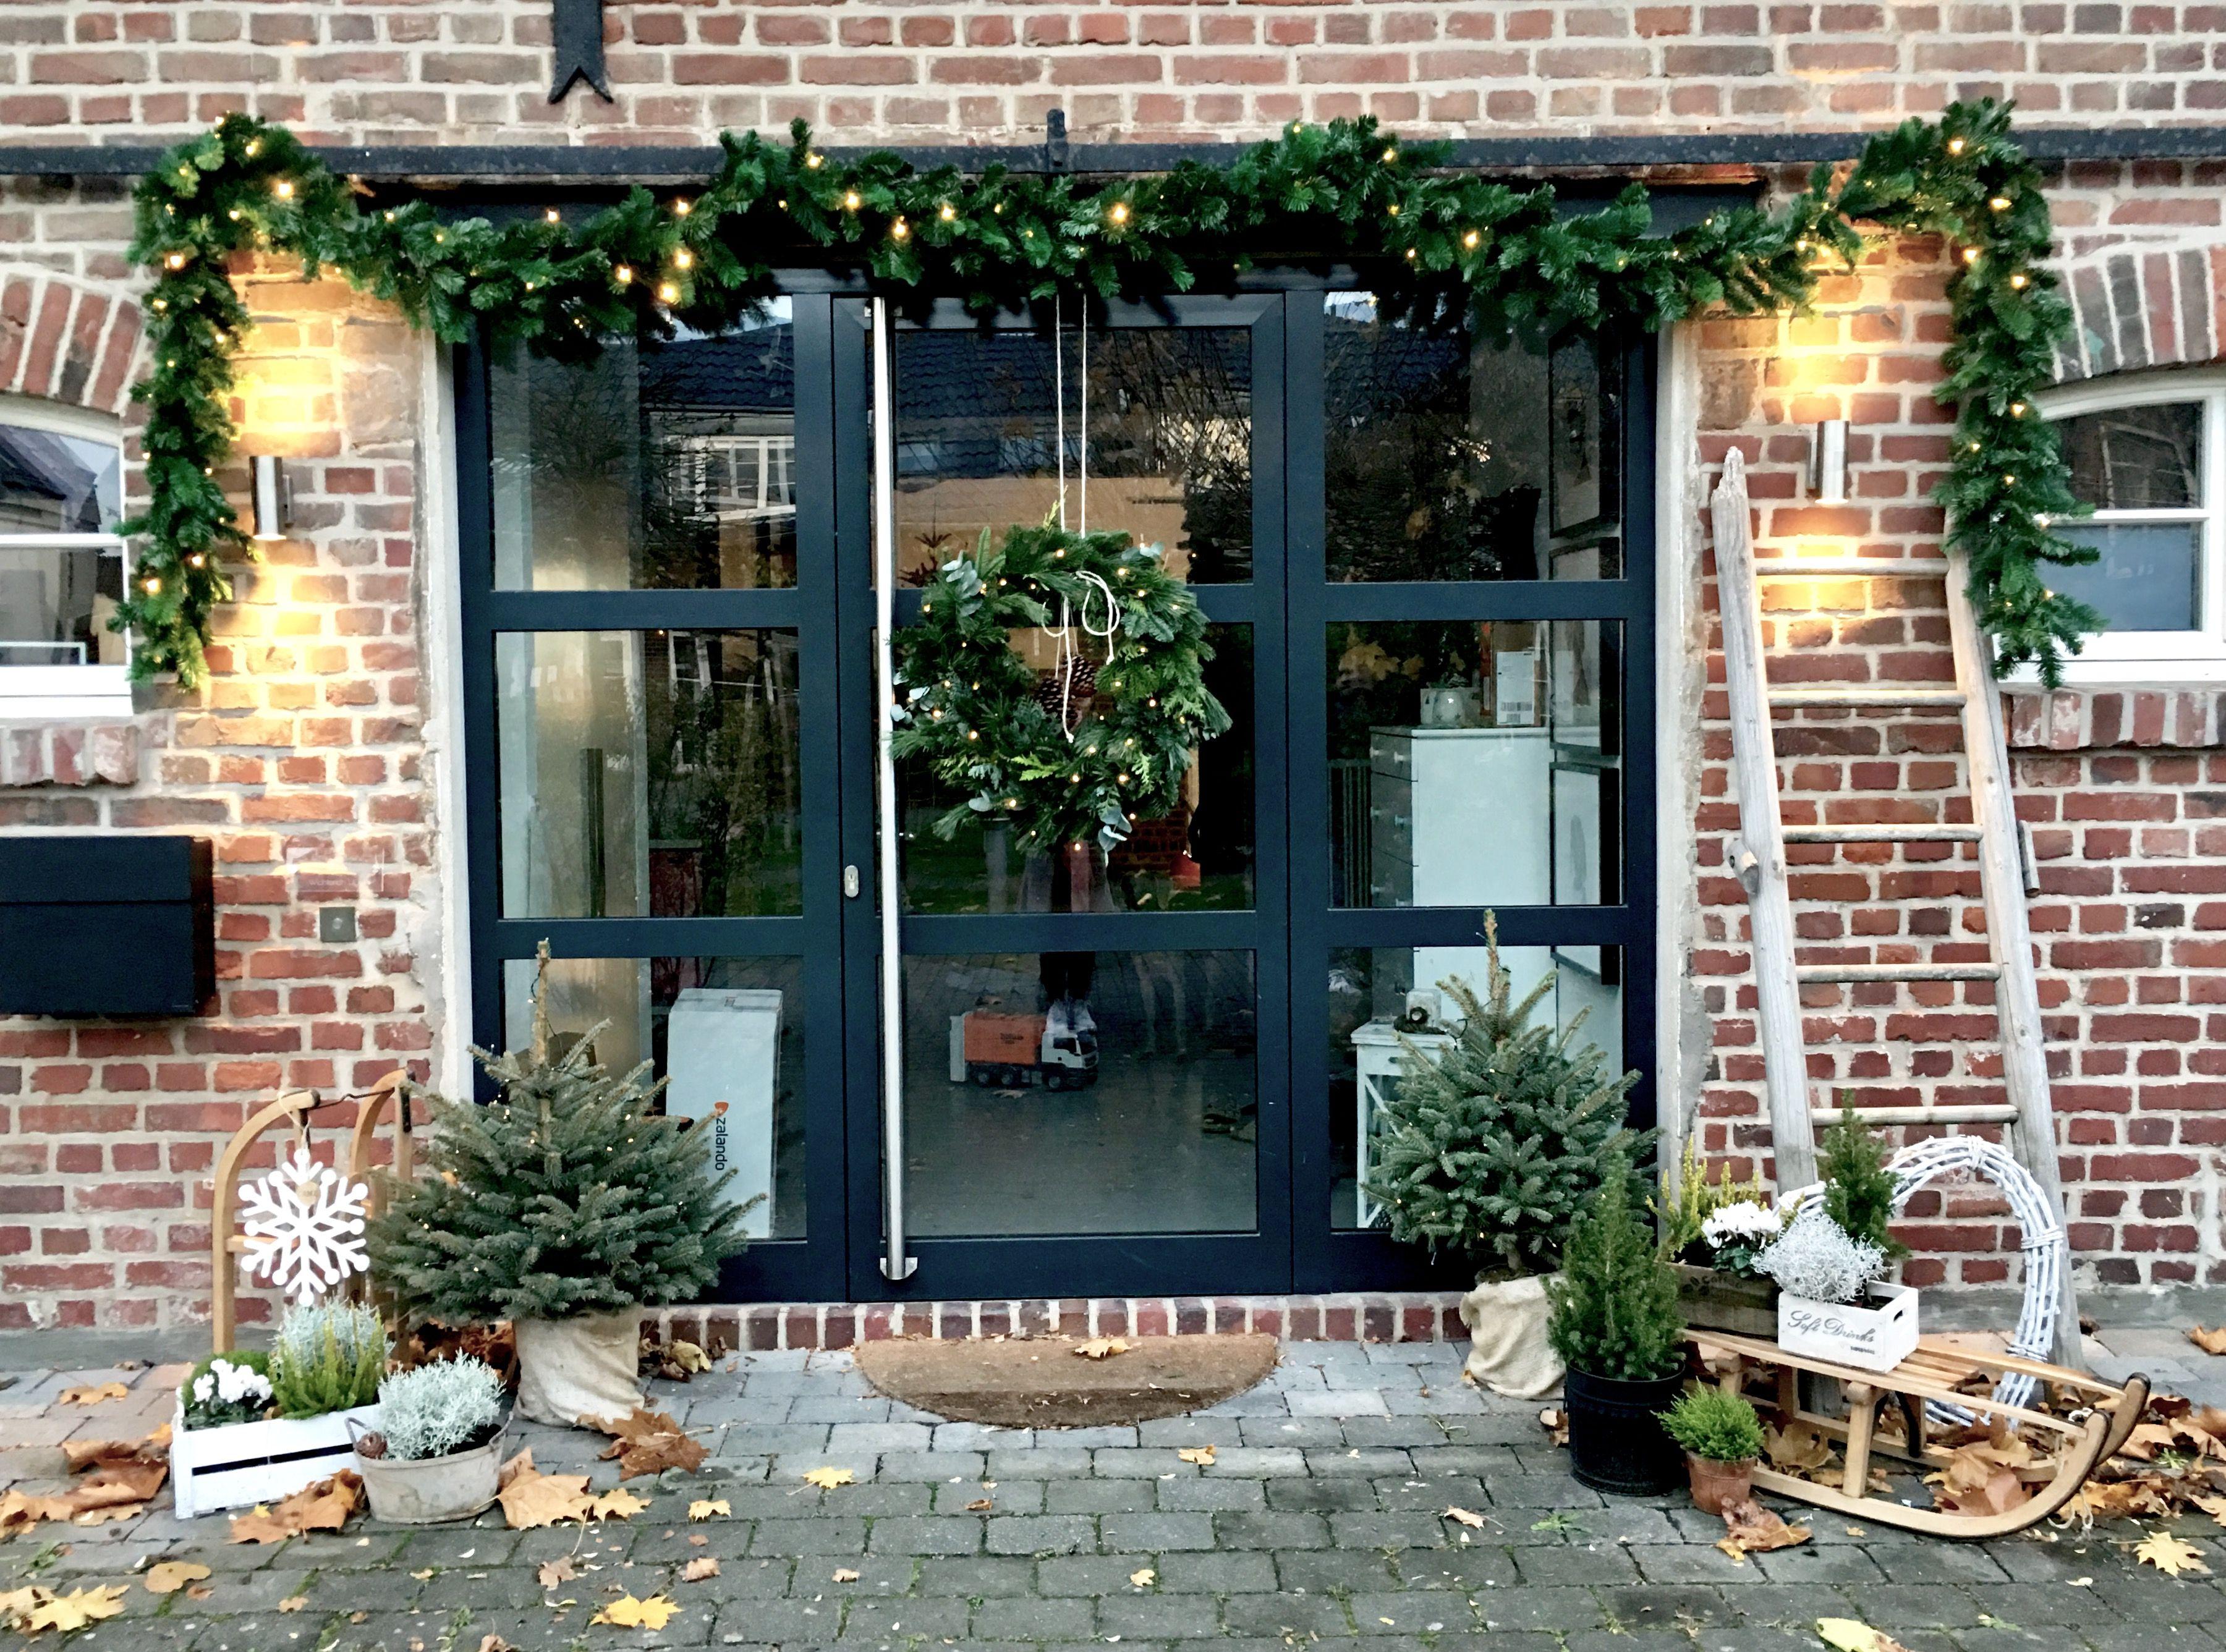 Weihnachtsdeko vor der Haustür | Christmas | Pinterest